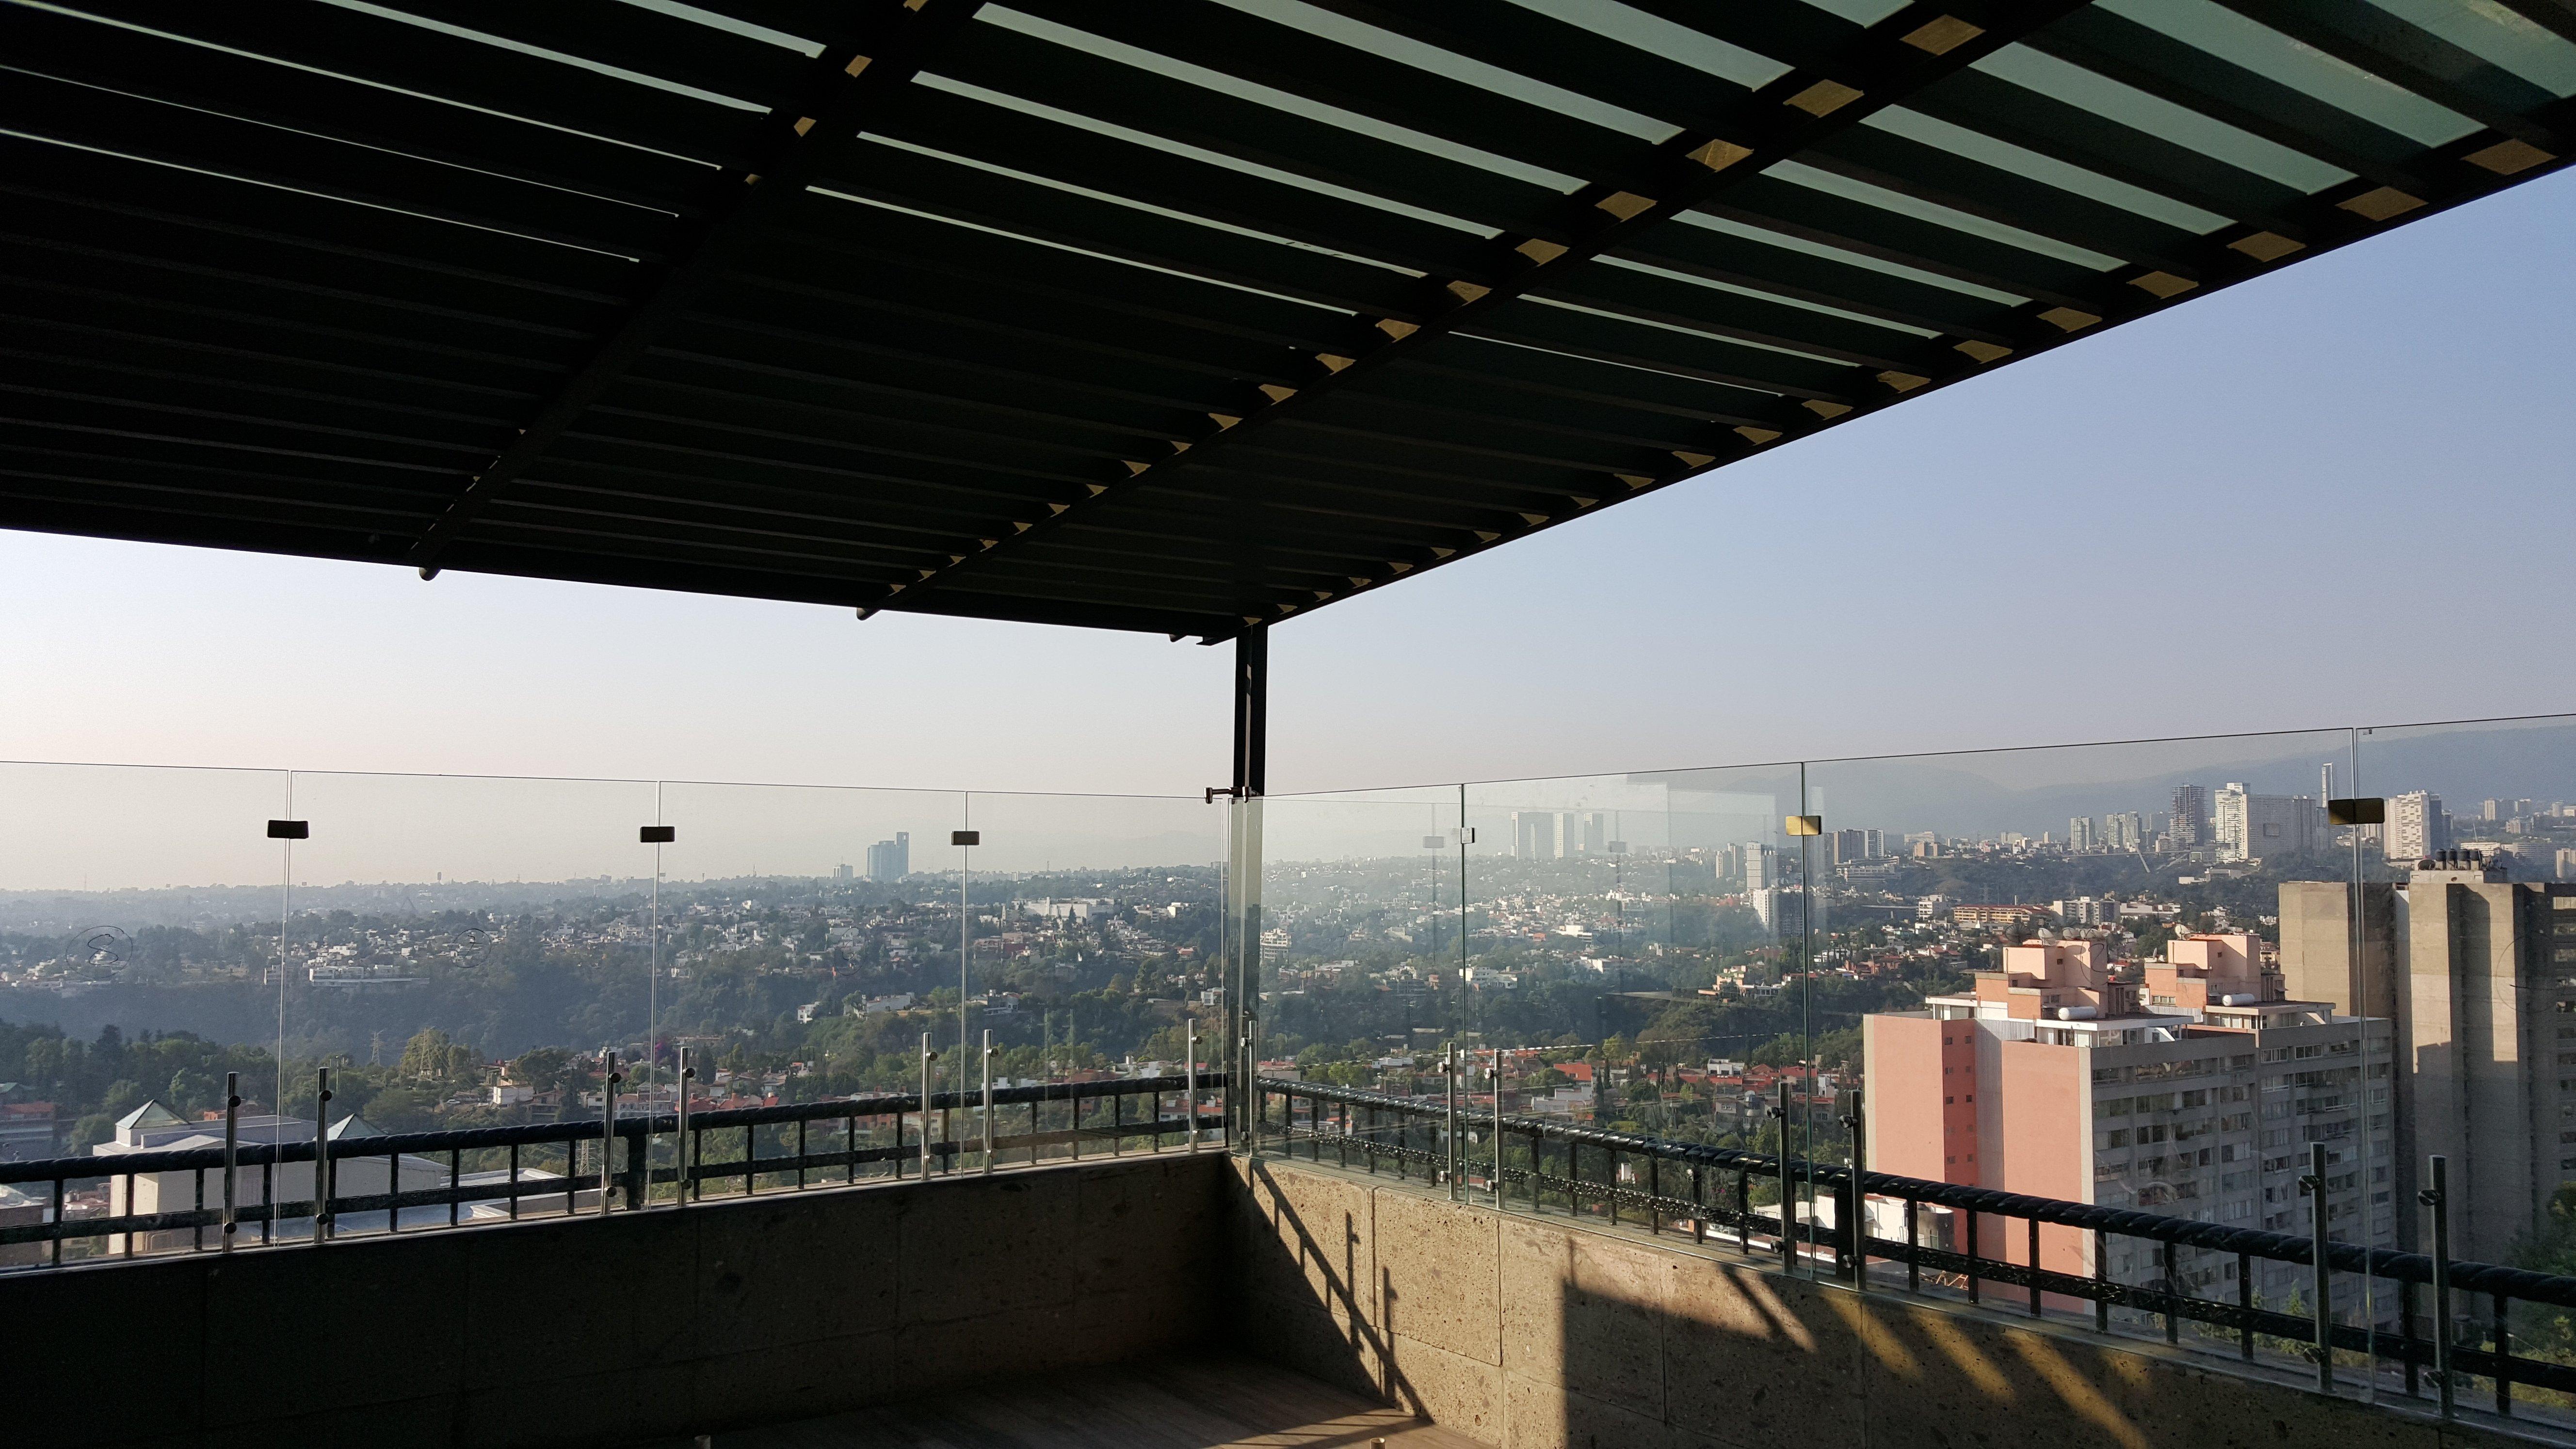 https://0201.nccdn.net/1_2/000/000/178/e97/terraza.jpg